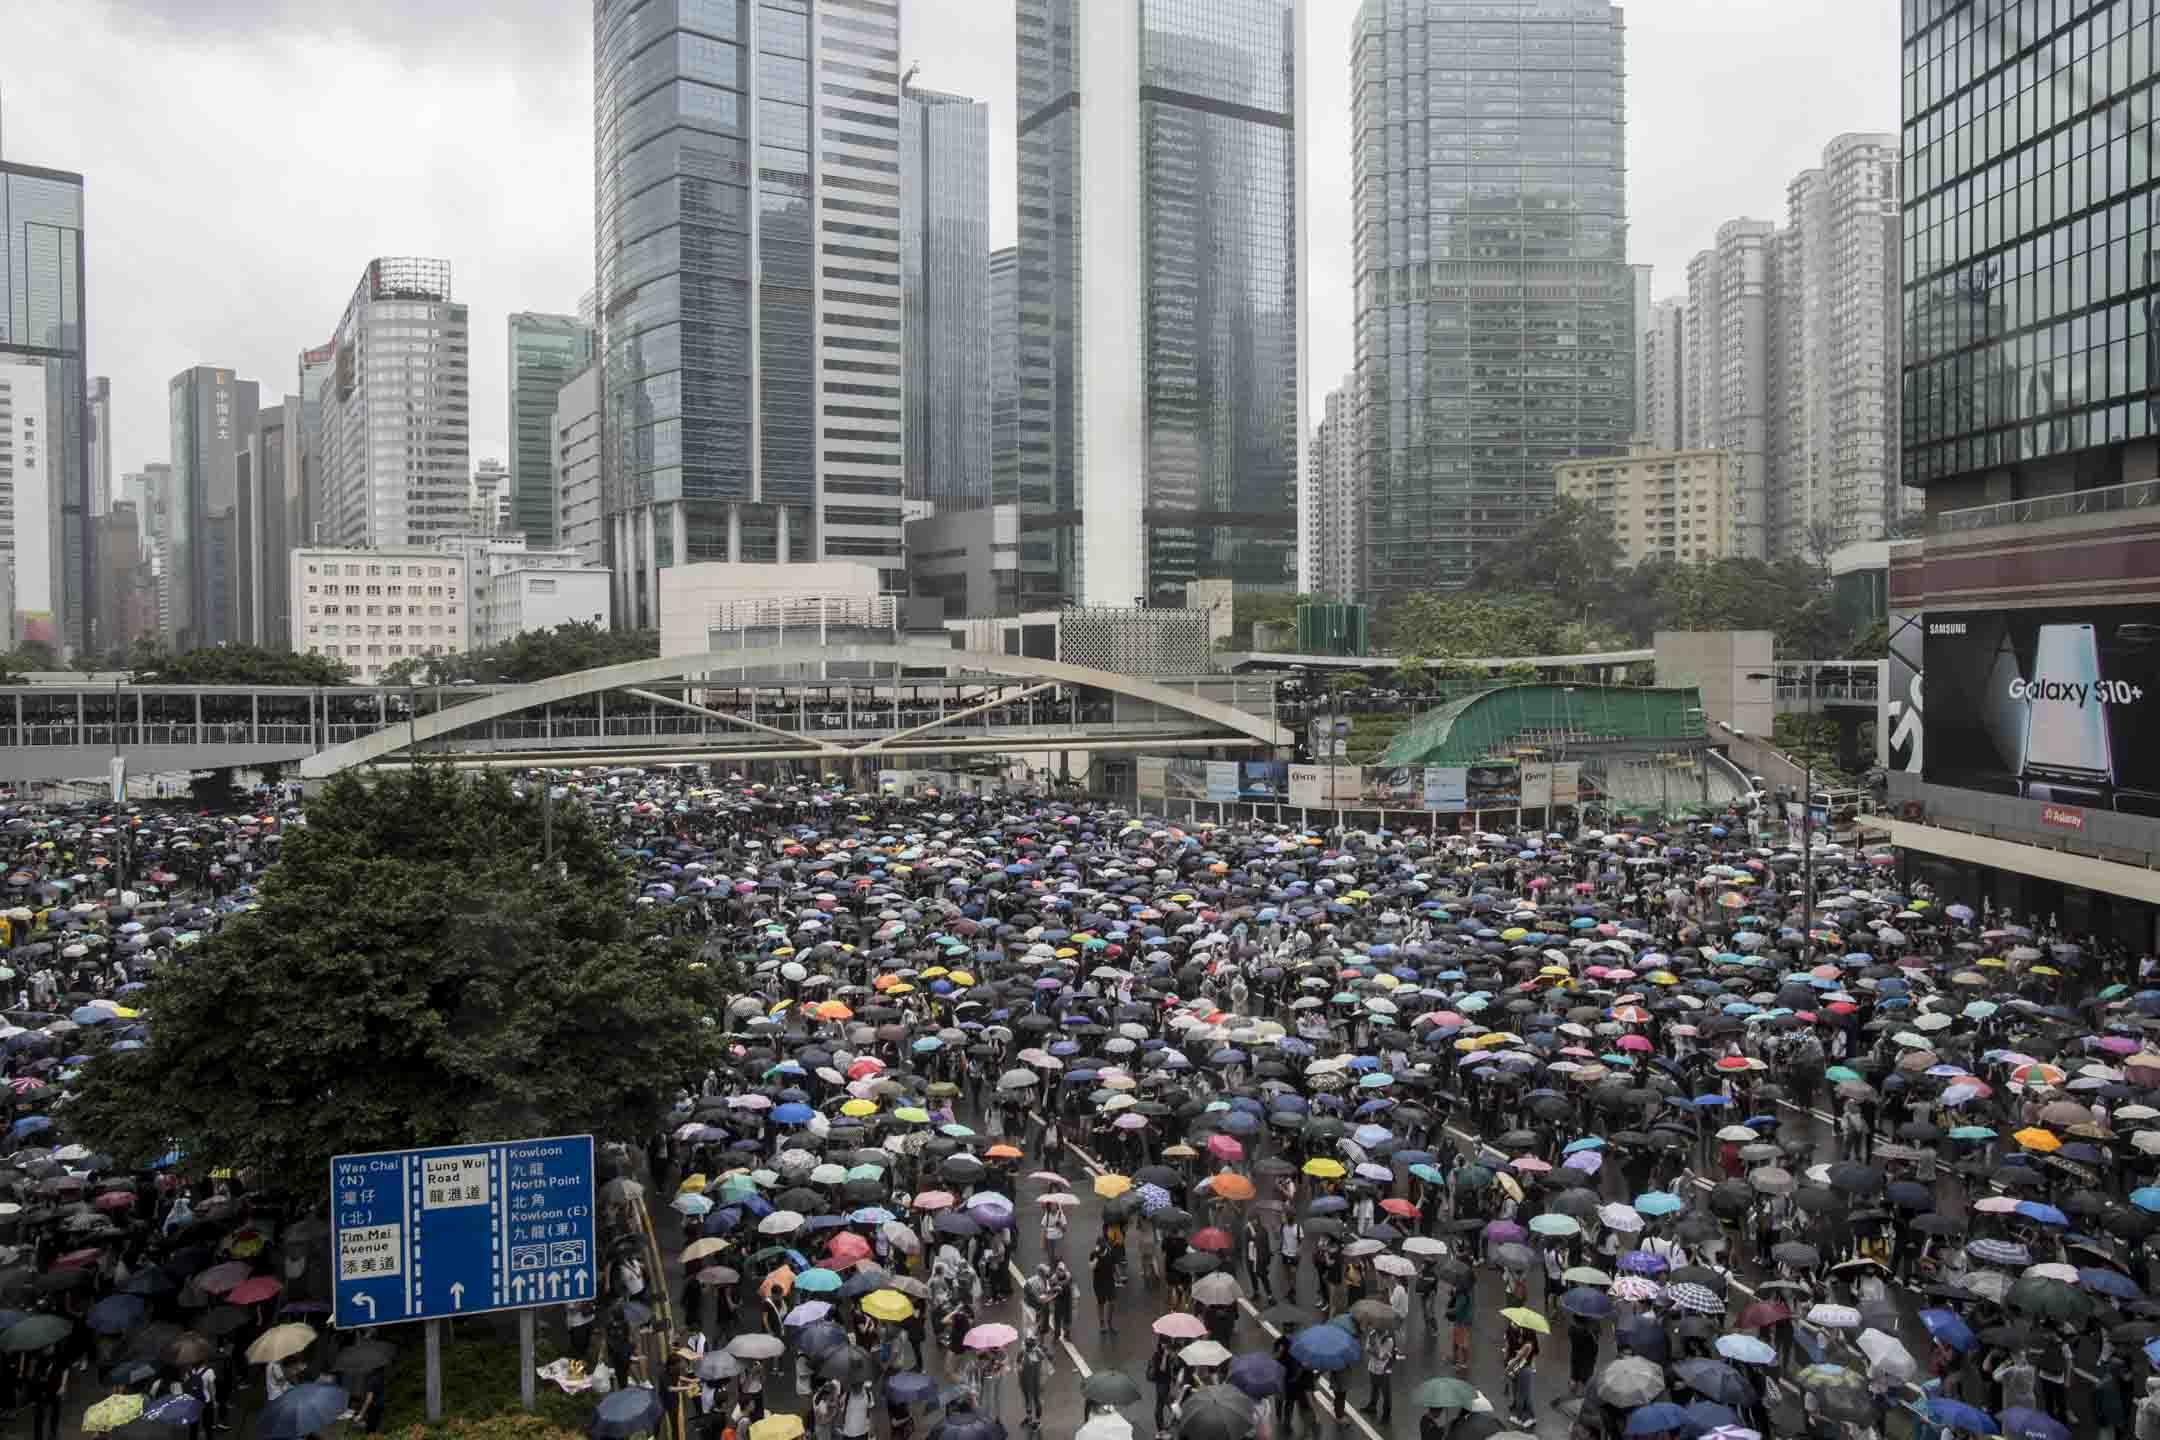 2019年6月12日,示威者佔領金鐘夏慤道,期間下雨,示威者舉起雨傘。